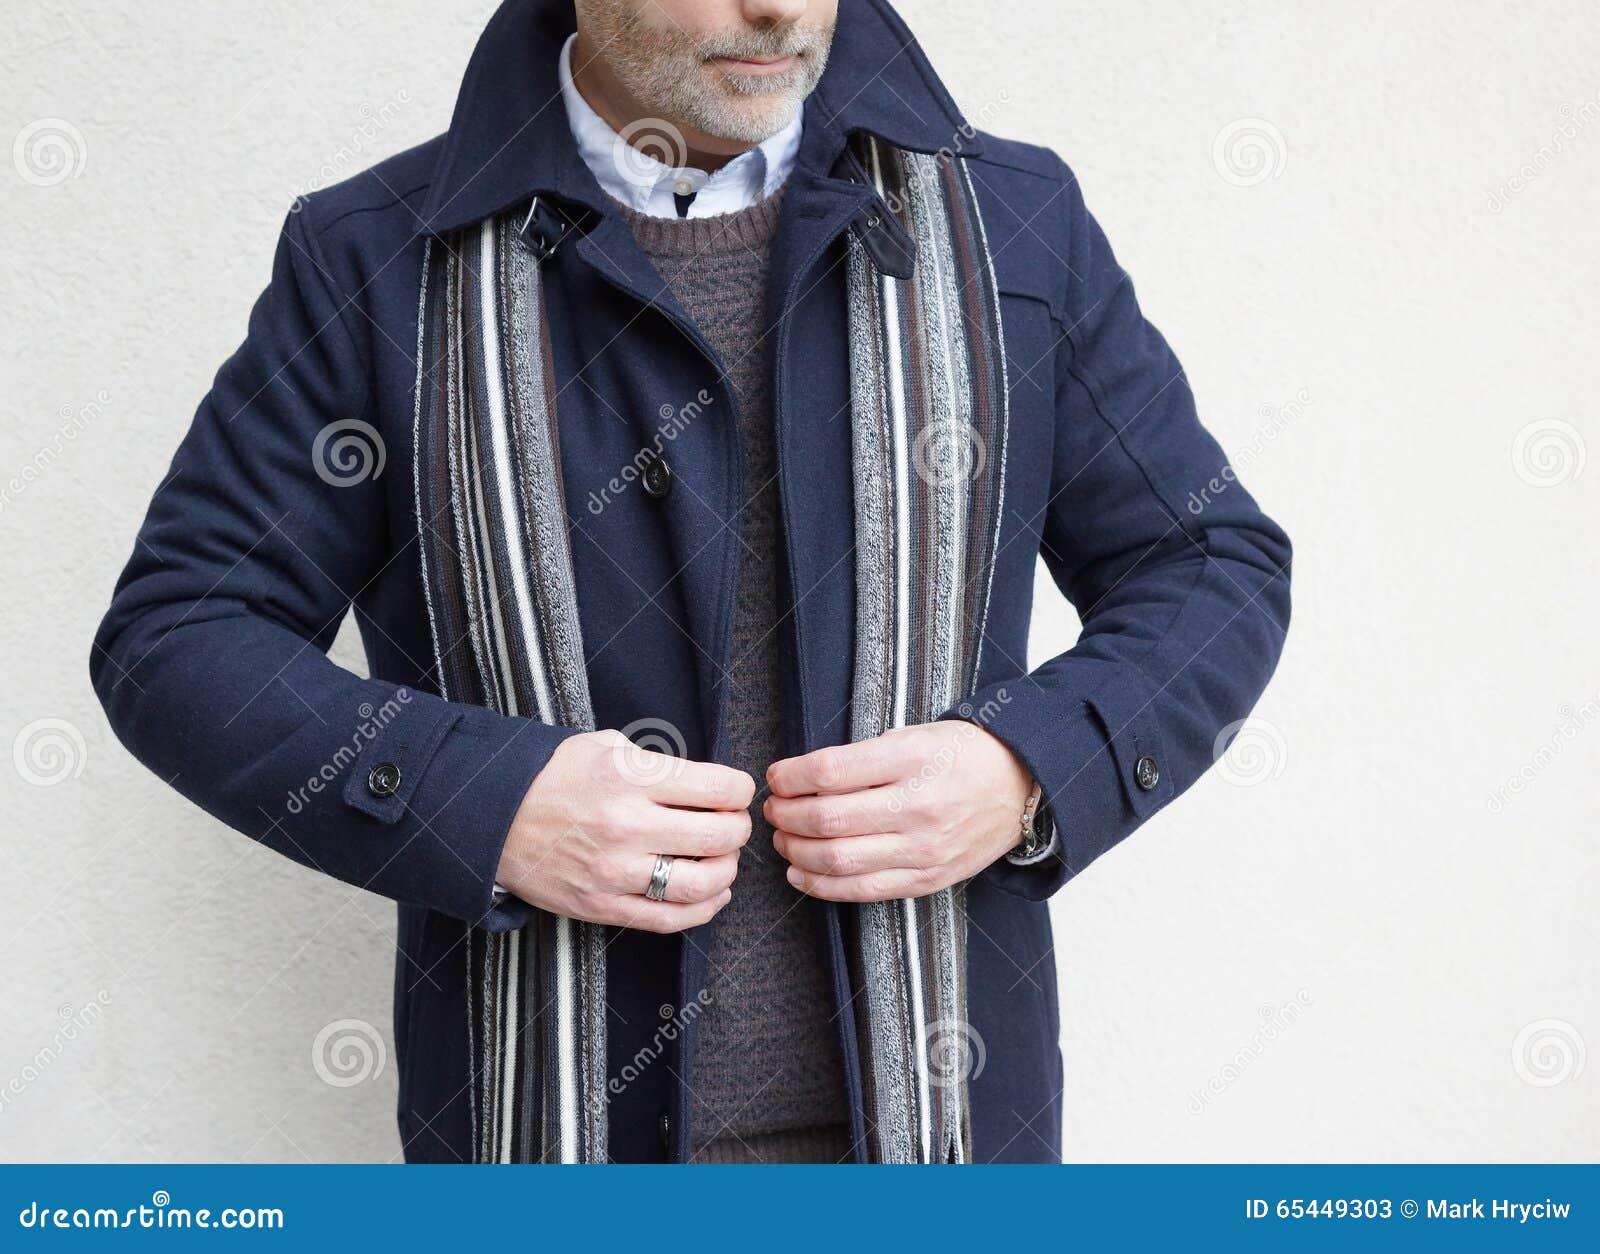 Reifer Mann, der seine Jacke steht und knöpft